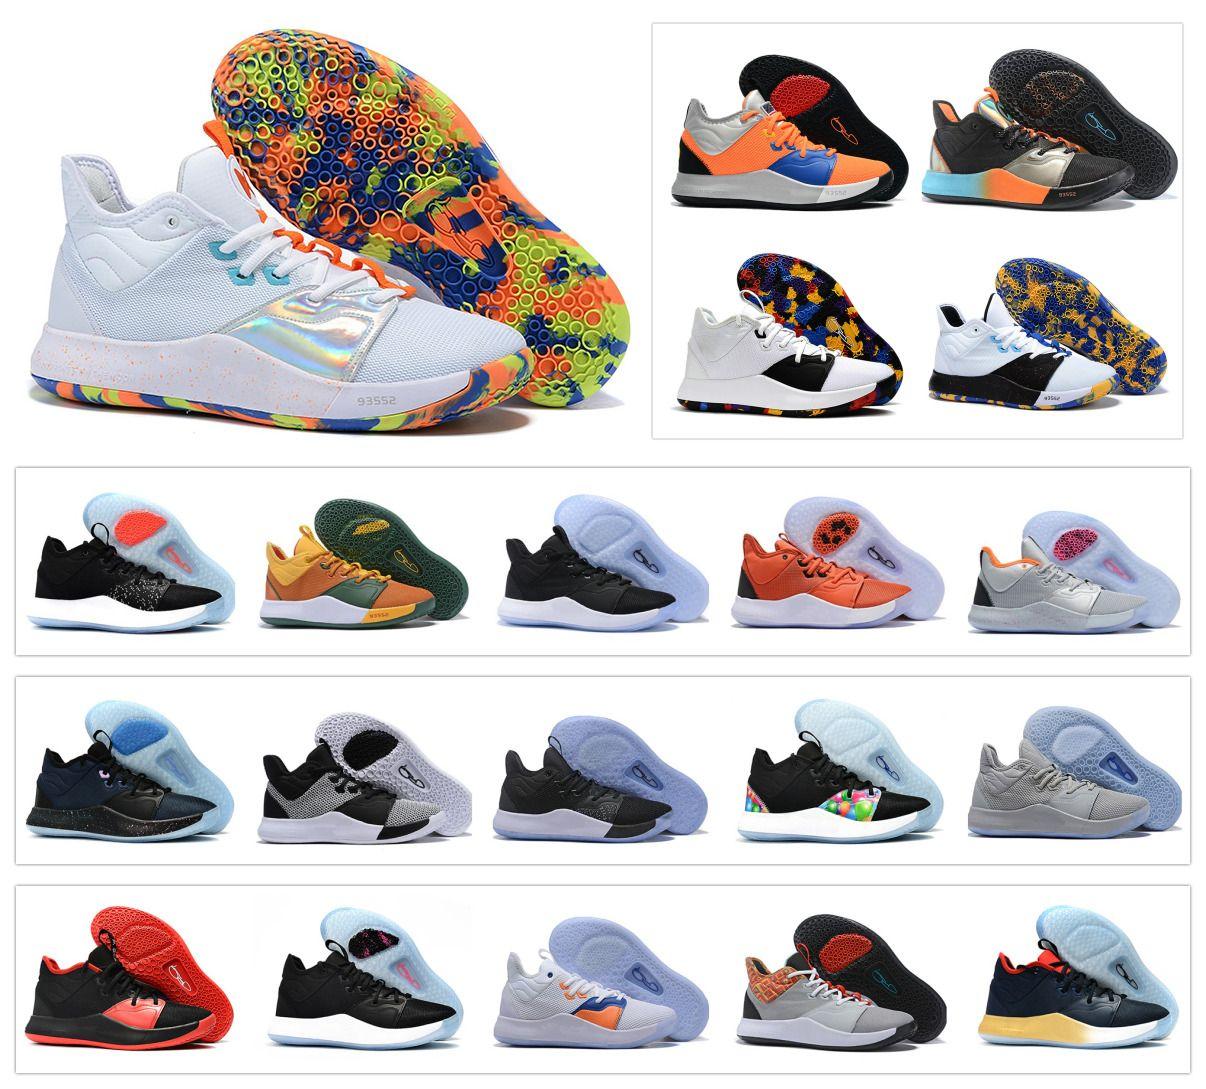 حار بول جورج pg 3 3 ثانية الثالث ts gs id ep palmdale كرة السلة أحذية رخيصة pg3 النجوم الأزرق البرتقالي الرياضة رياضية الحجم 40-46